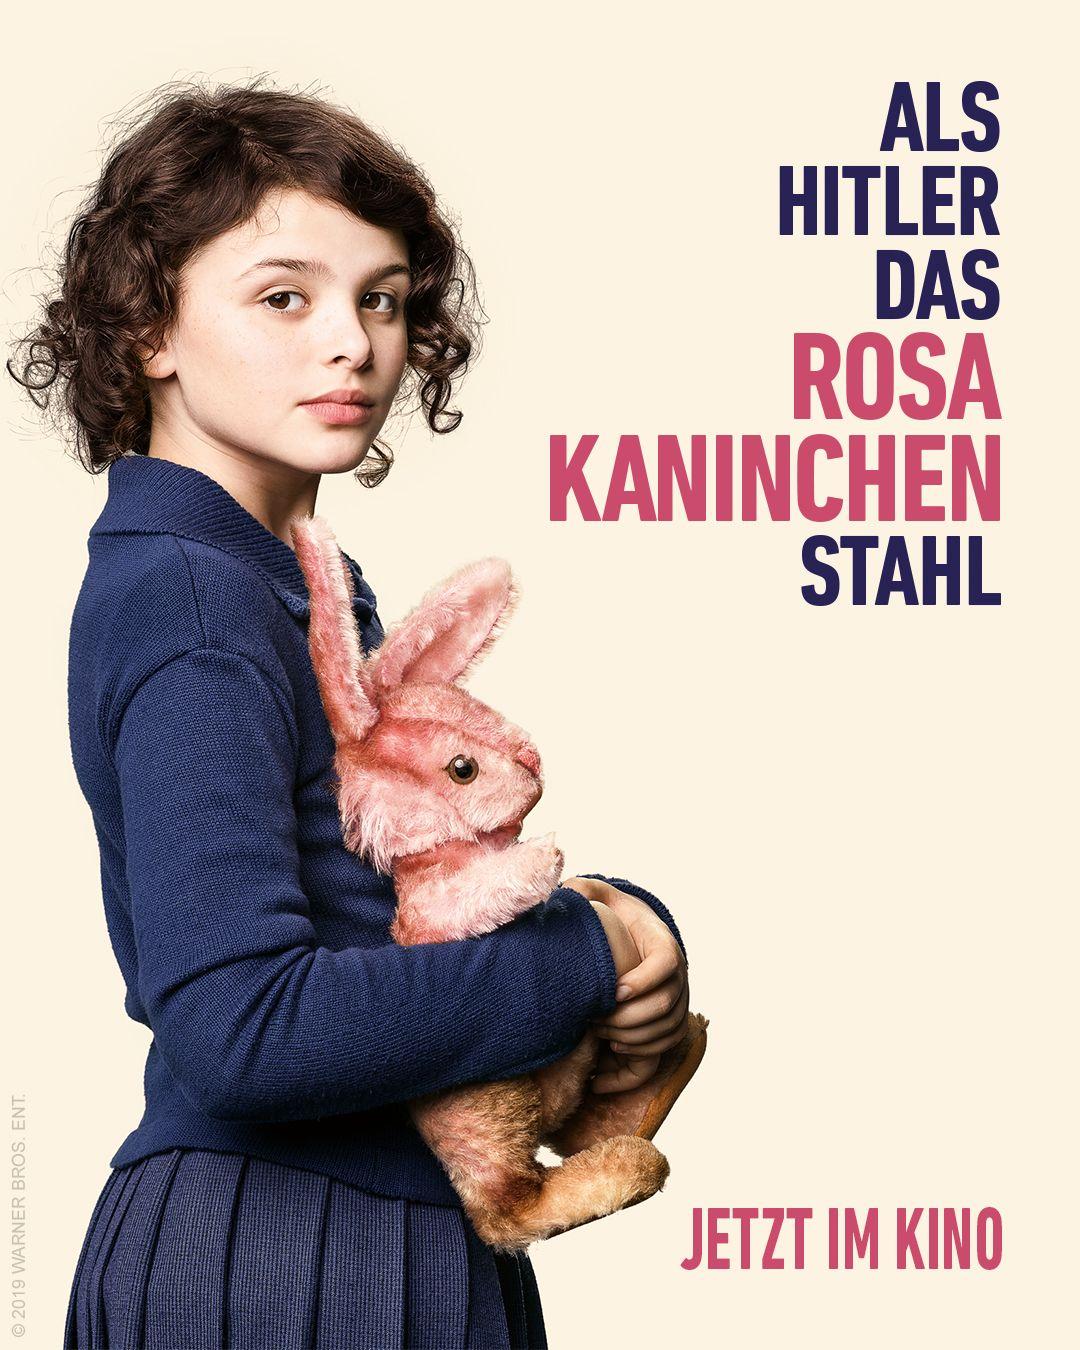 Photo of ALS HITLER DAS ROSA KANINCHEN STAHL